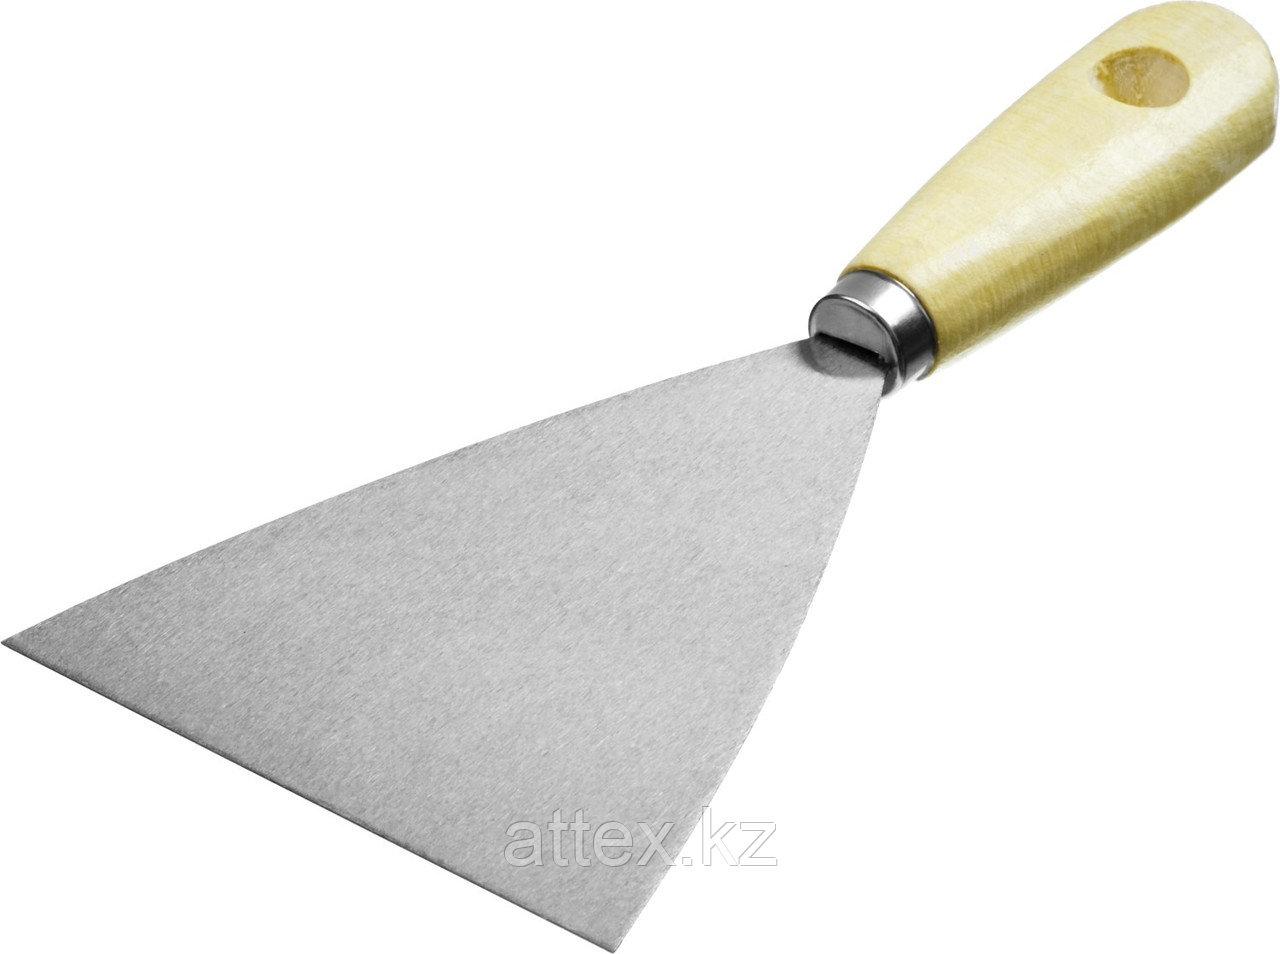 Шпатель MIRAX стальной, c деревянной ручкой, 100мм  1000-100_z01